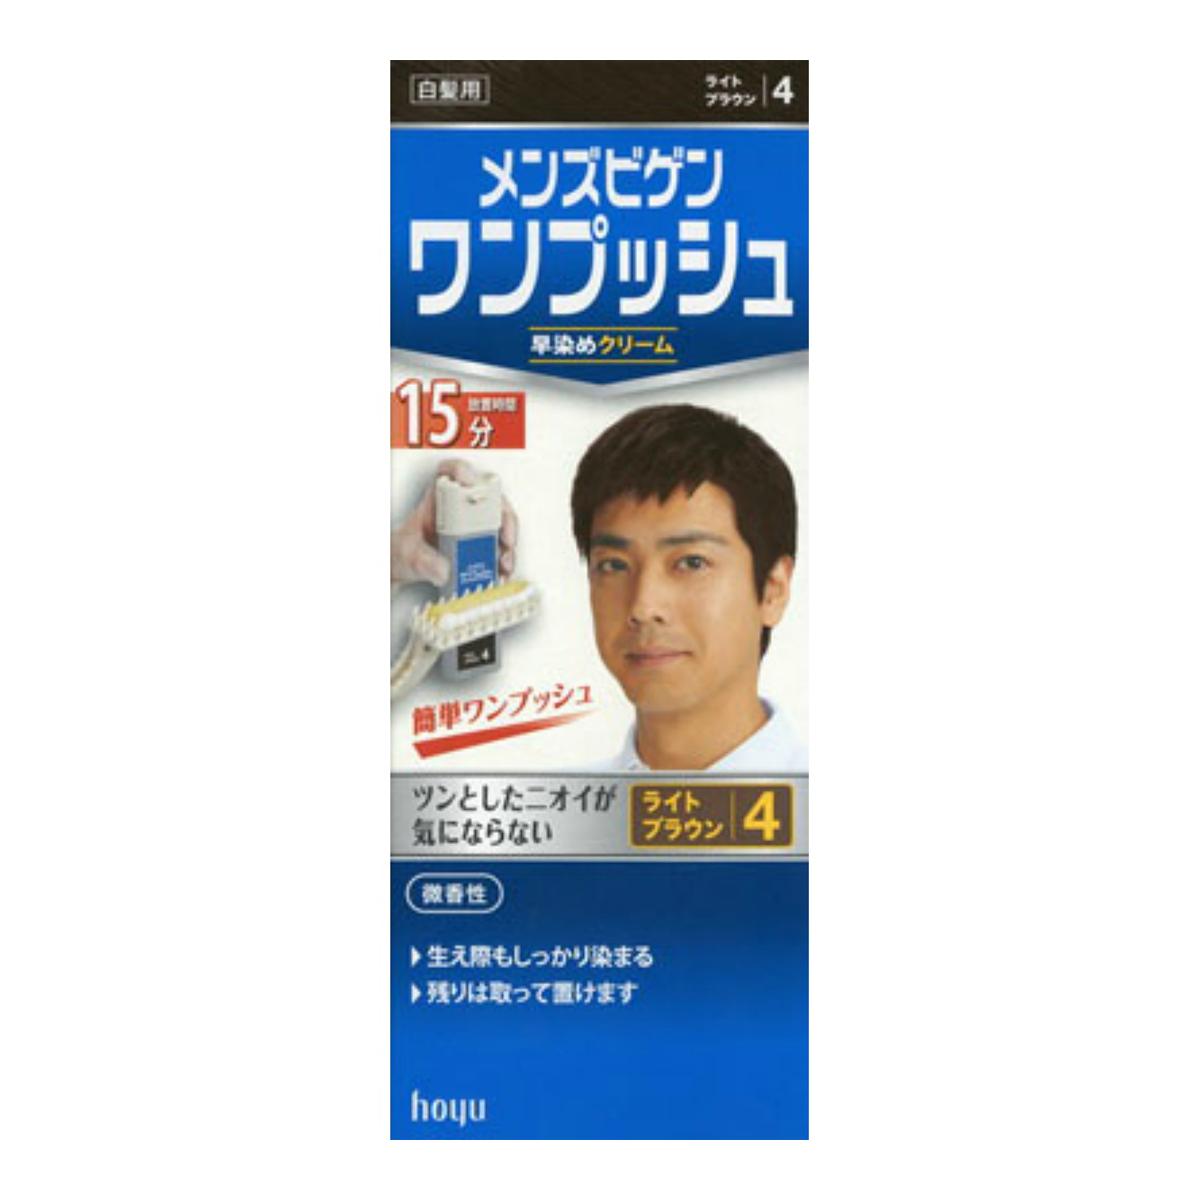 【送料無料】ホーユー メンズビゲン ワンプッシュ 4 ライトブラウン 内容量:1剤40g、2剤40g、 ( ショートヘア約2回分 ) ヘアカラー ( おしゃれ染め ) 男性用×27点セット まとめ買い特価!ケース販売 ( 4987205100642 )